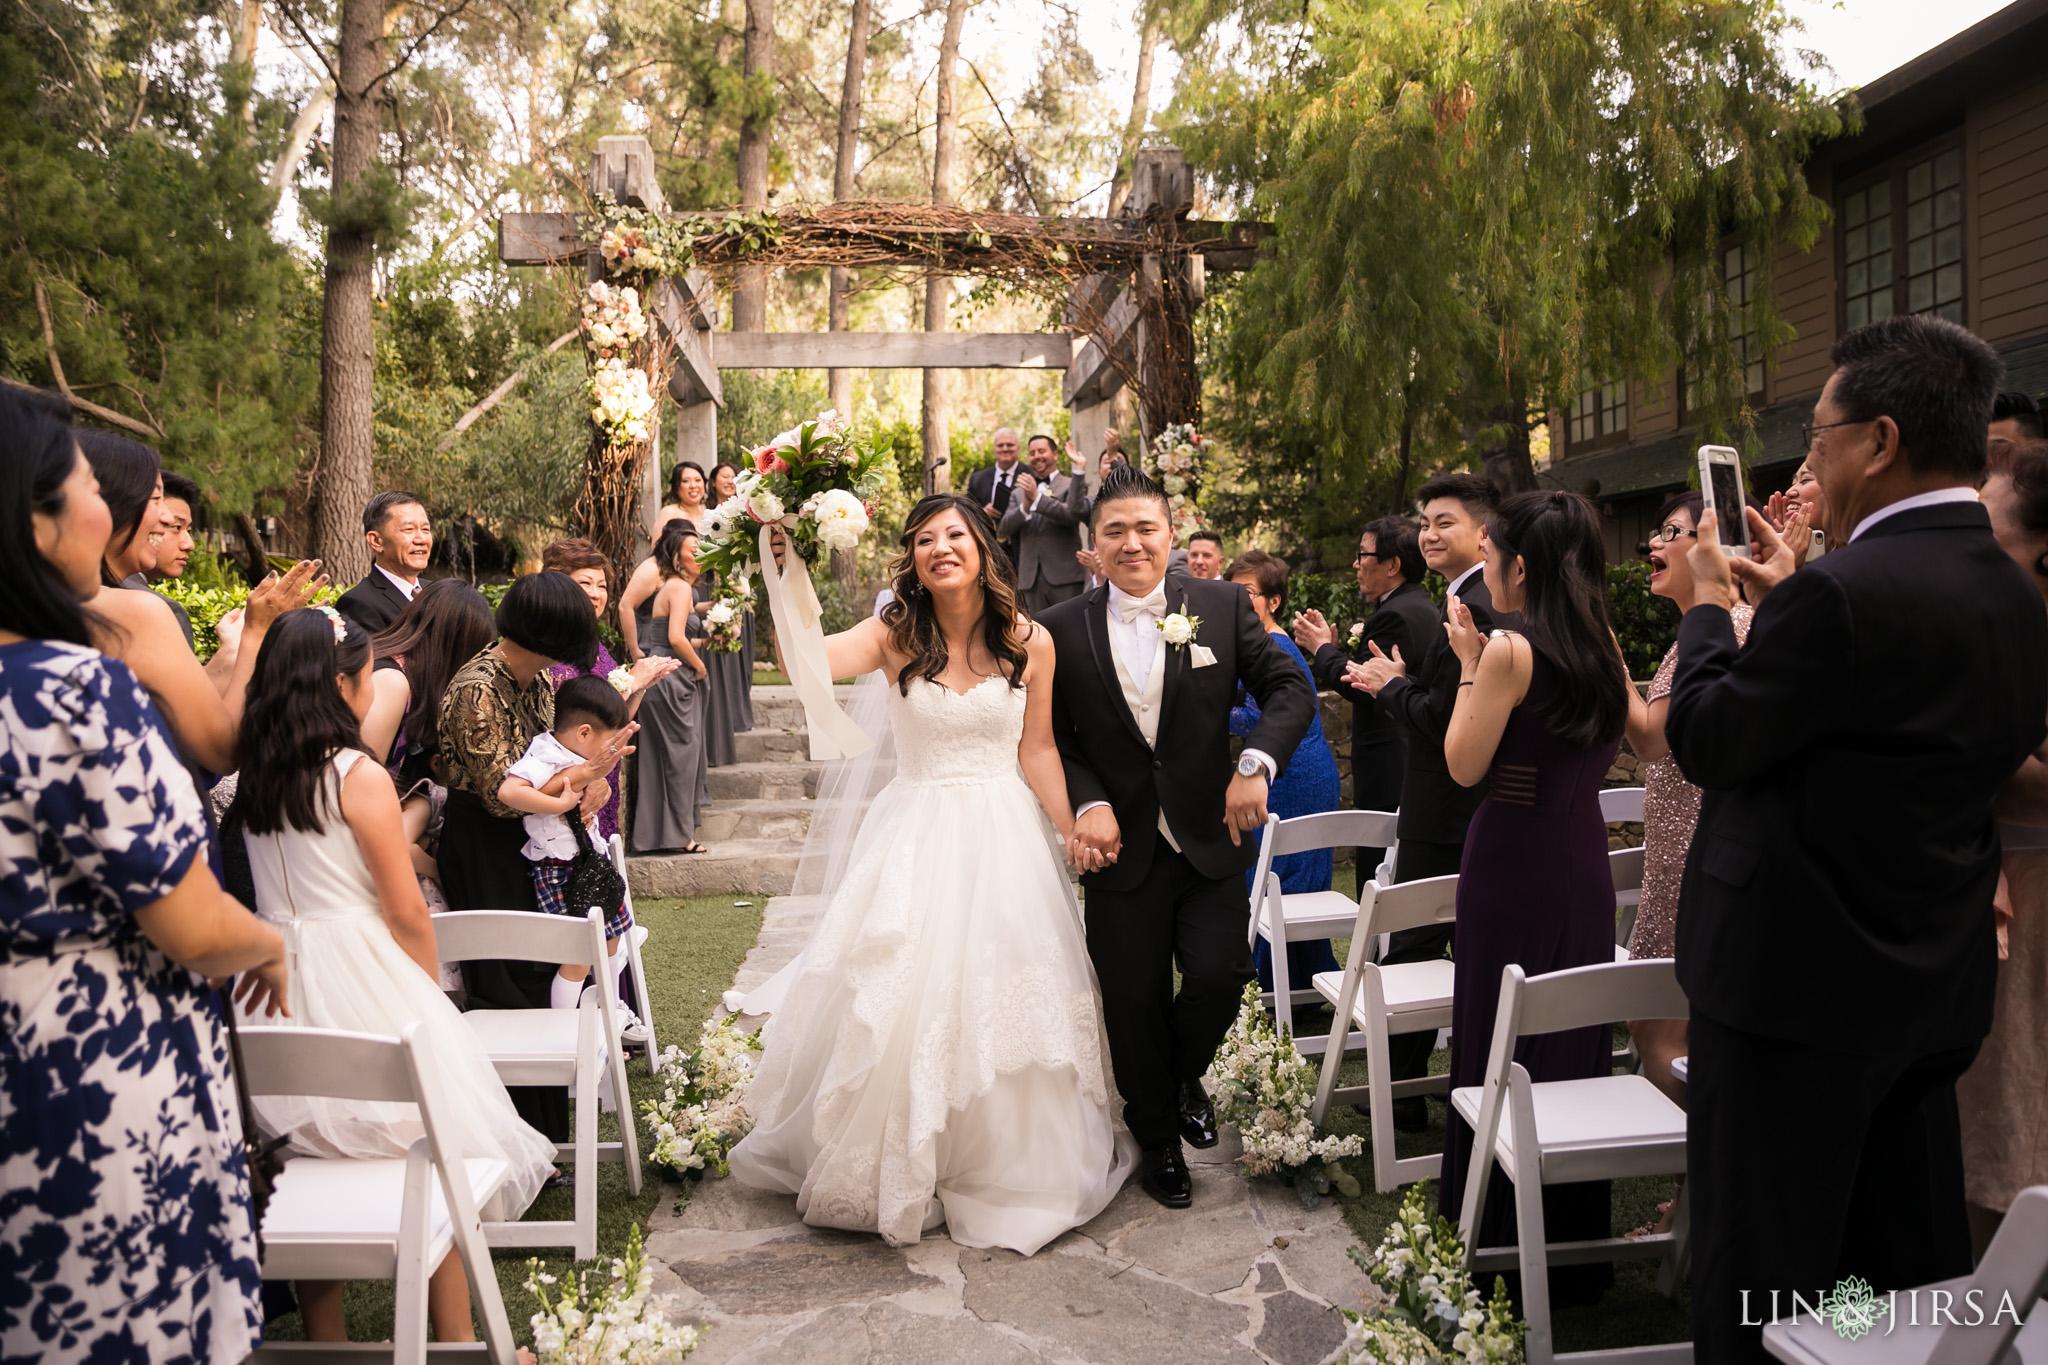 21 calamigos ranch malibu wedding ceremony photography